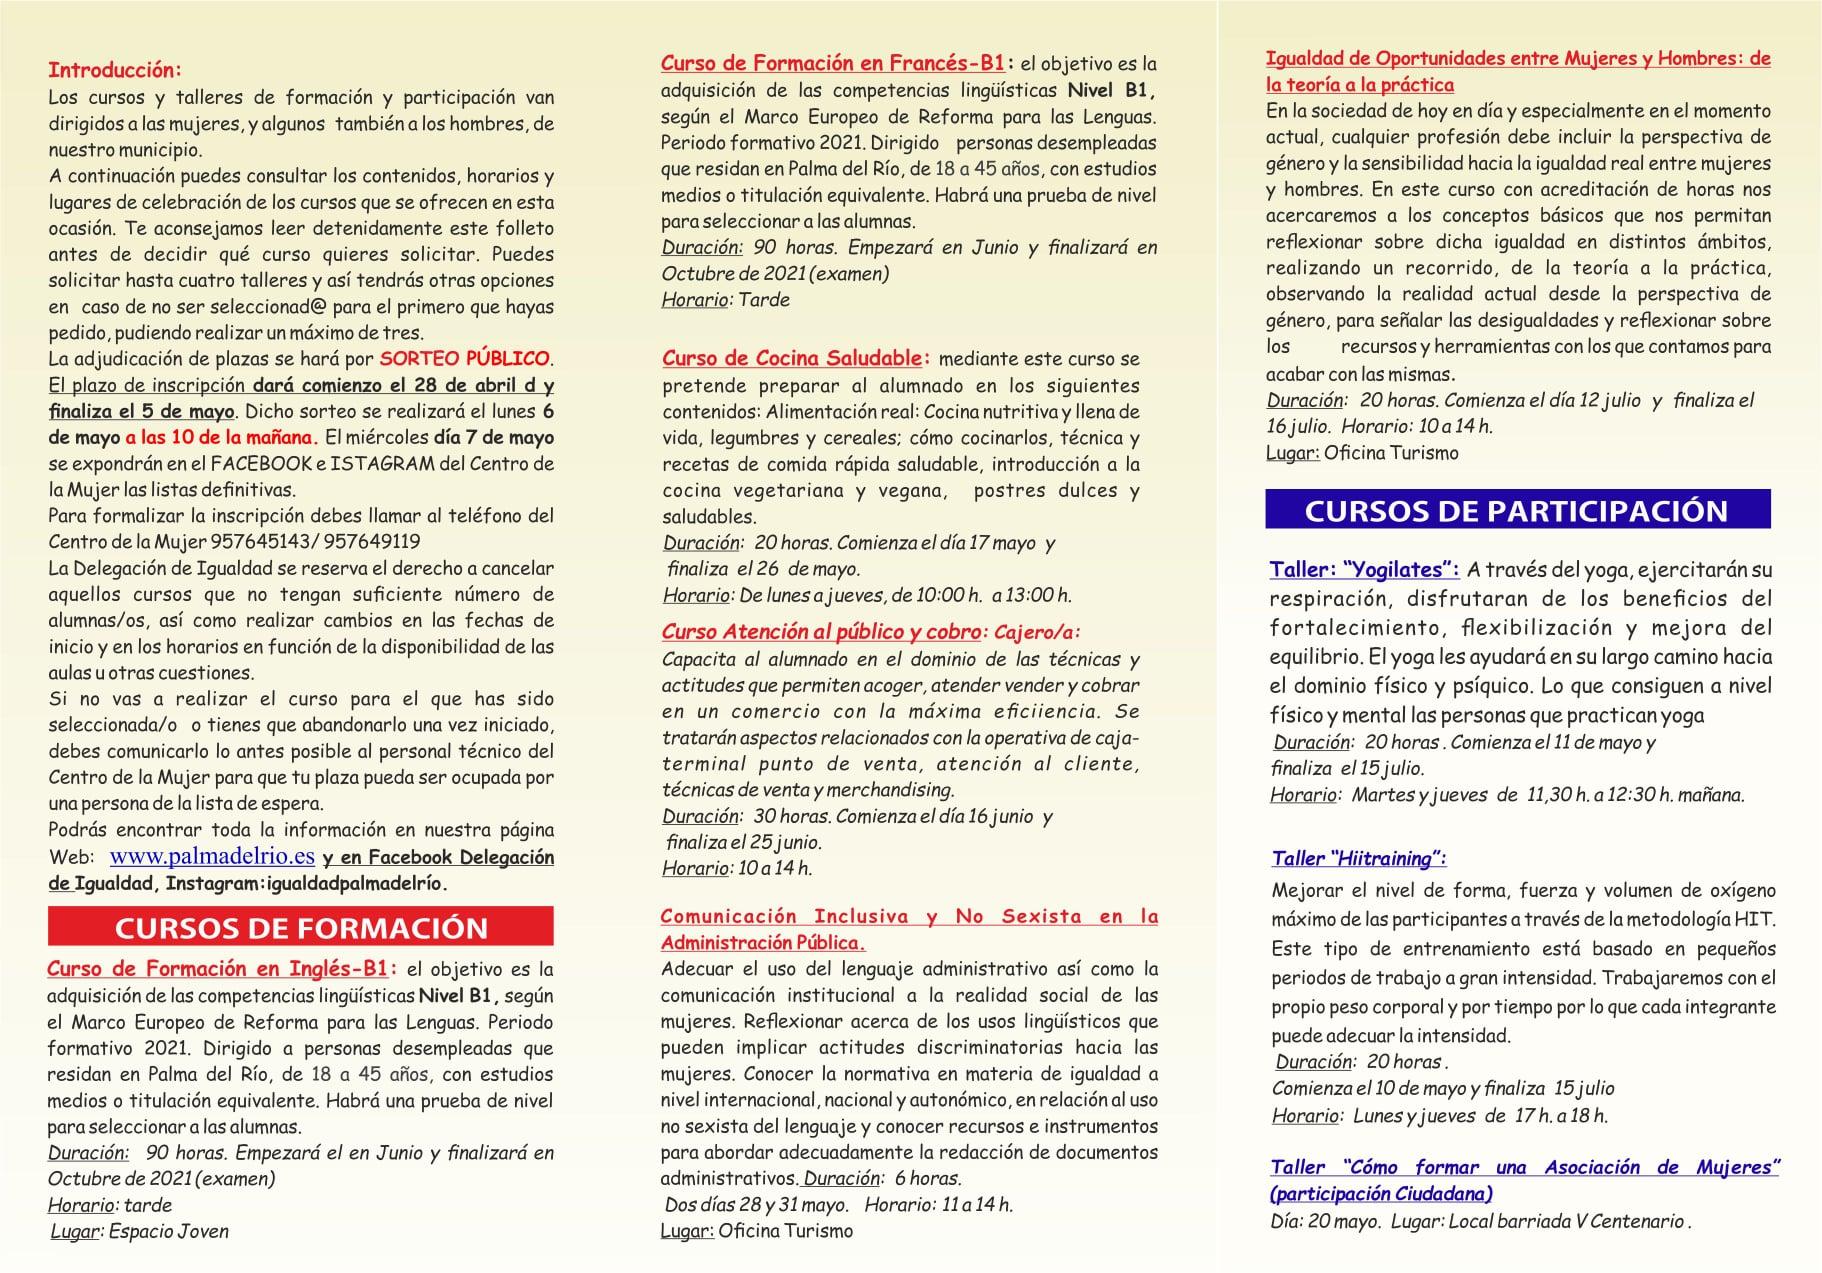 https://www.palmadelrio.es/sites/default/files/3.cursos_igualdad_2021.jpg